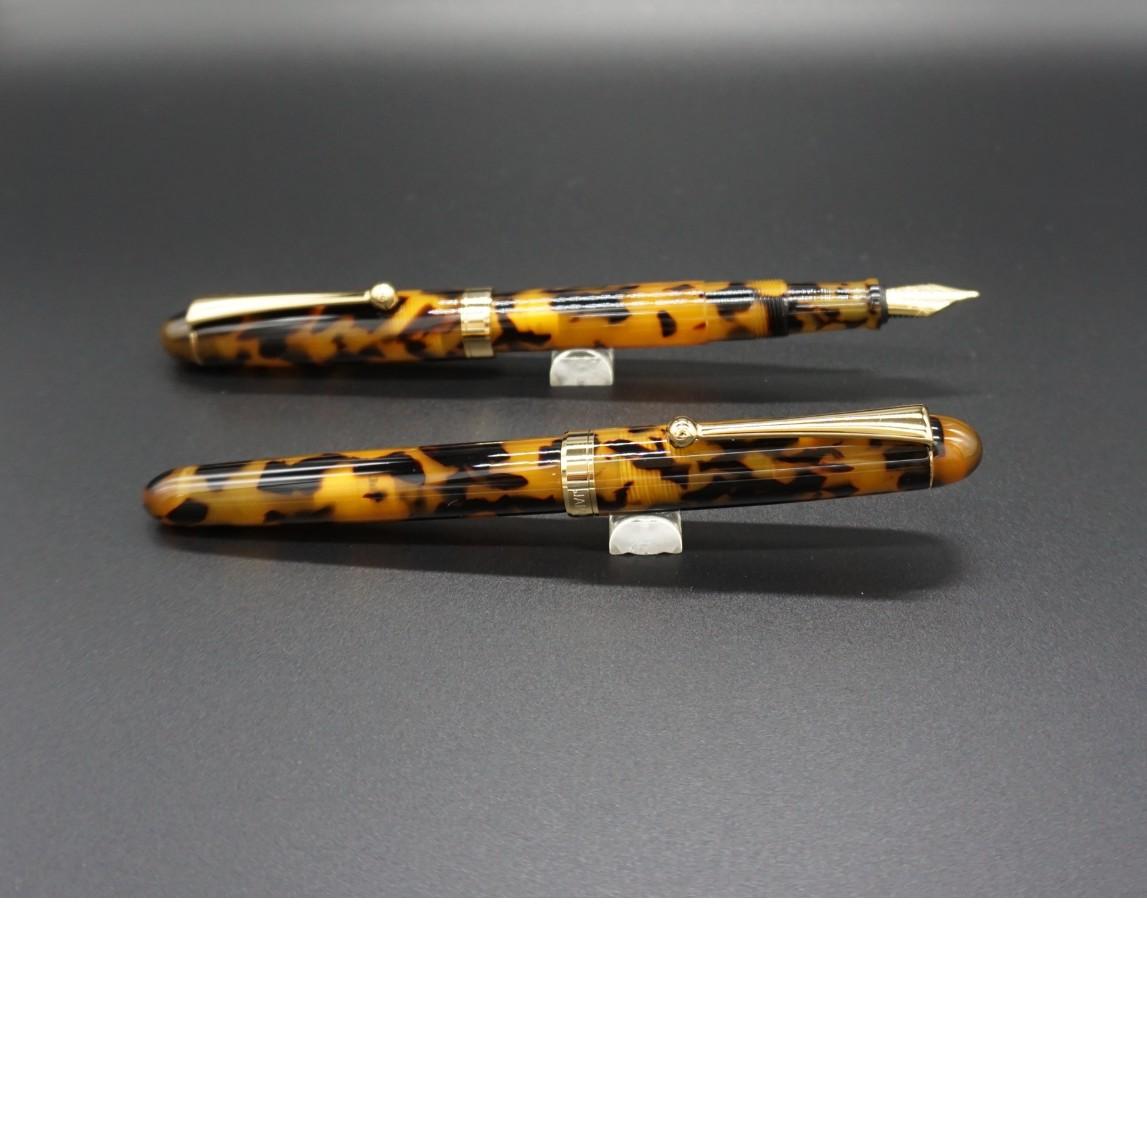 品質満点! 【ふるさと納税】(べっこう)「大西製作所」本格手作り 万年筆 F1400, ダテグン de912671